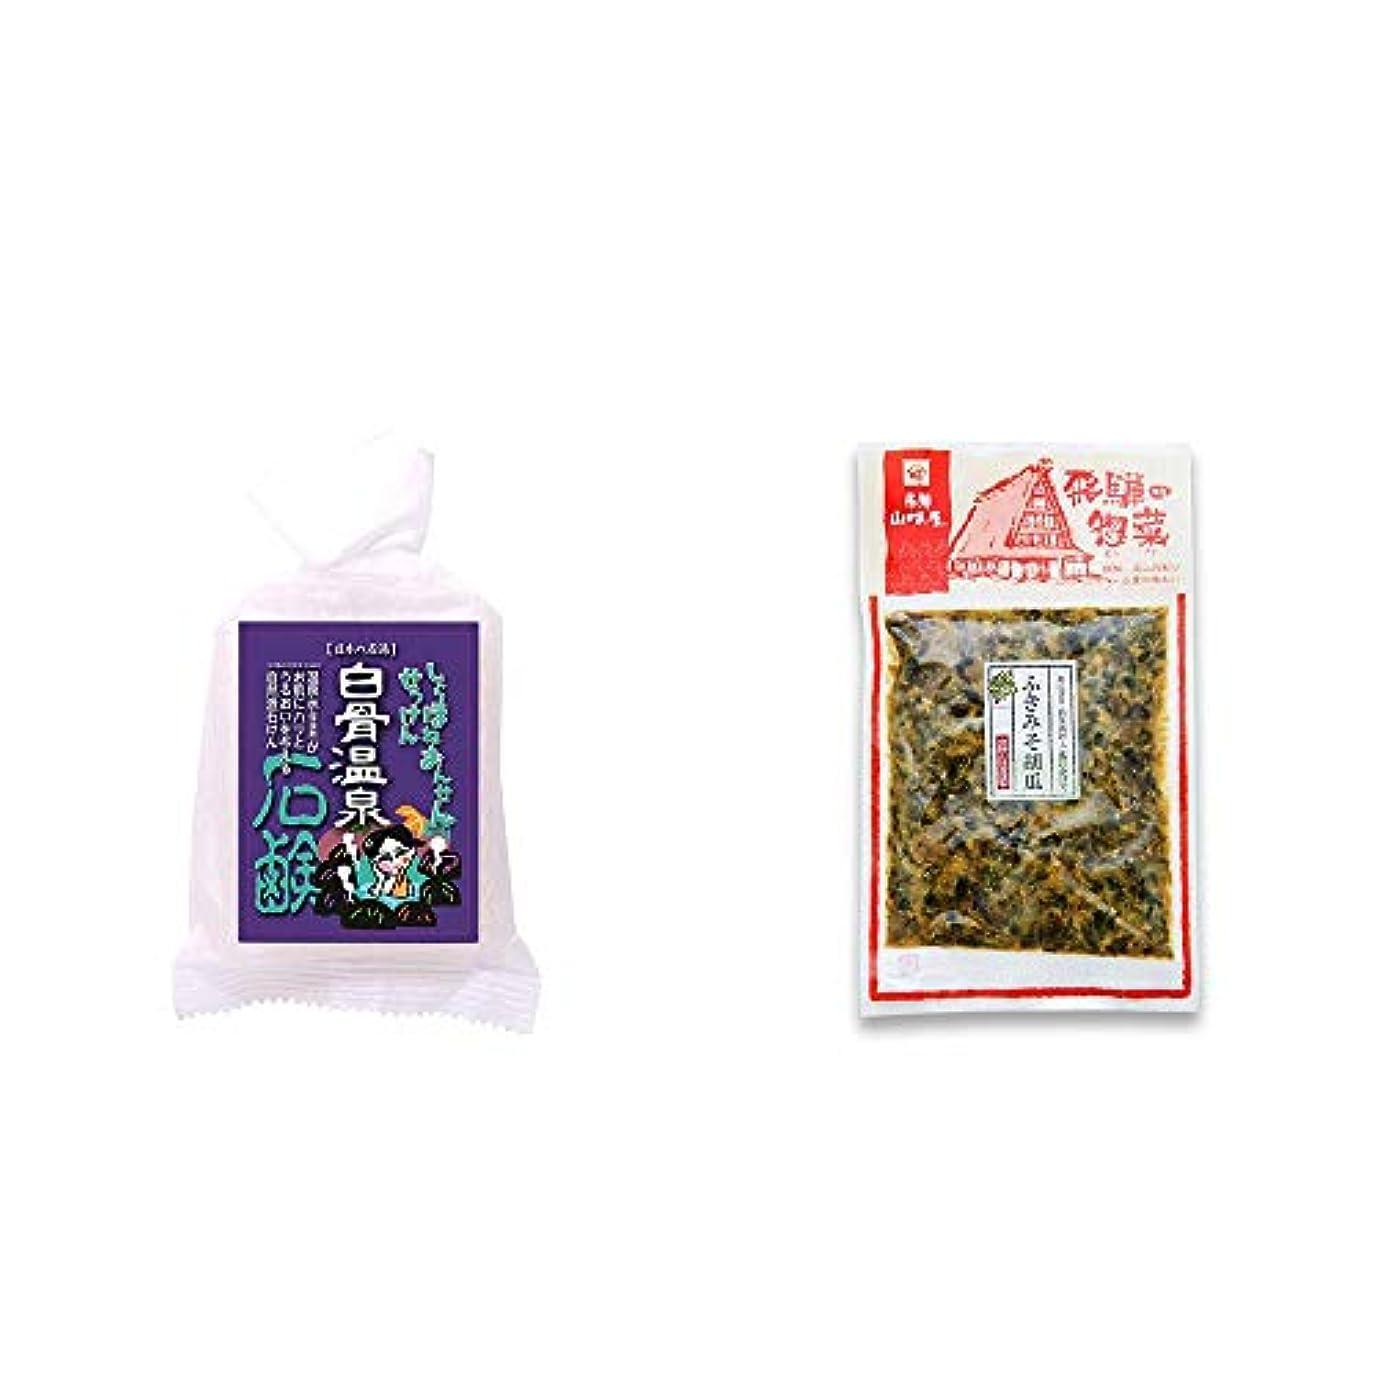 すすり泣きプロポーショナル便利[2点セット] 信州 白骨温泉石鹸(80g)?飛騨山味屋 ふきみそ胡瓜(120g)